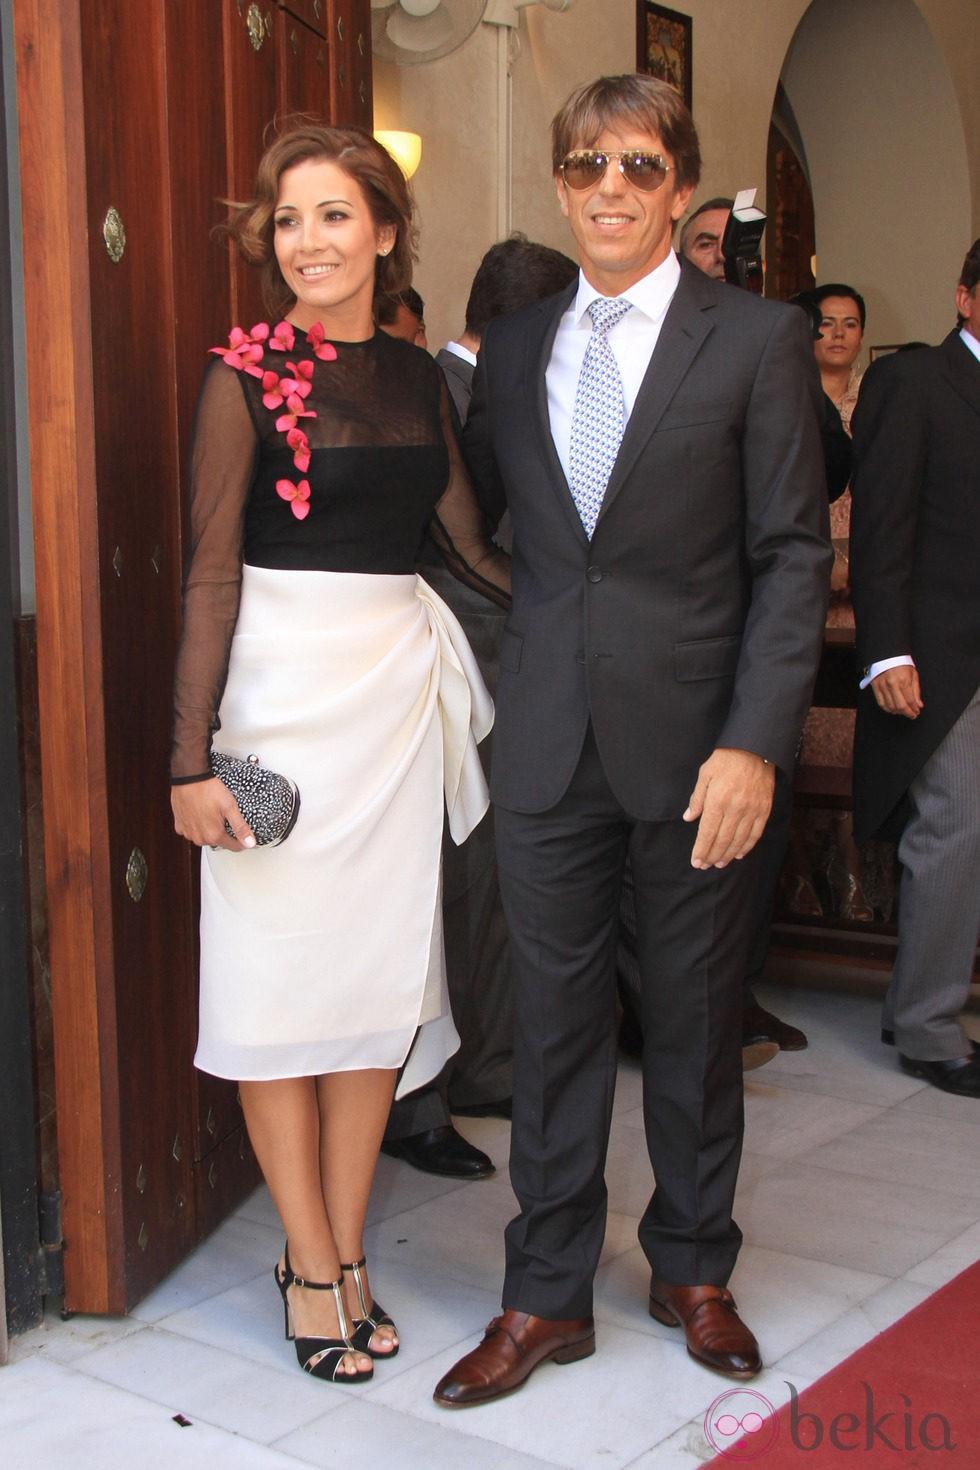 El Cordobés y Virginia Troconis en la boda religiosa de Fran Rivera y Lourdes Montes en Sevilla